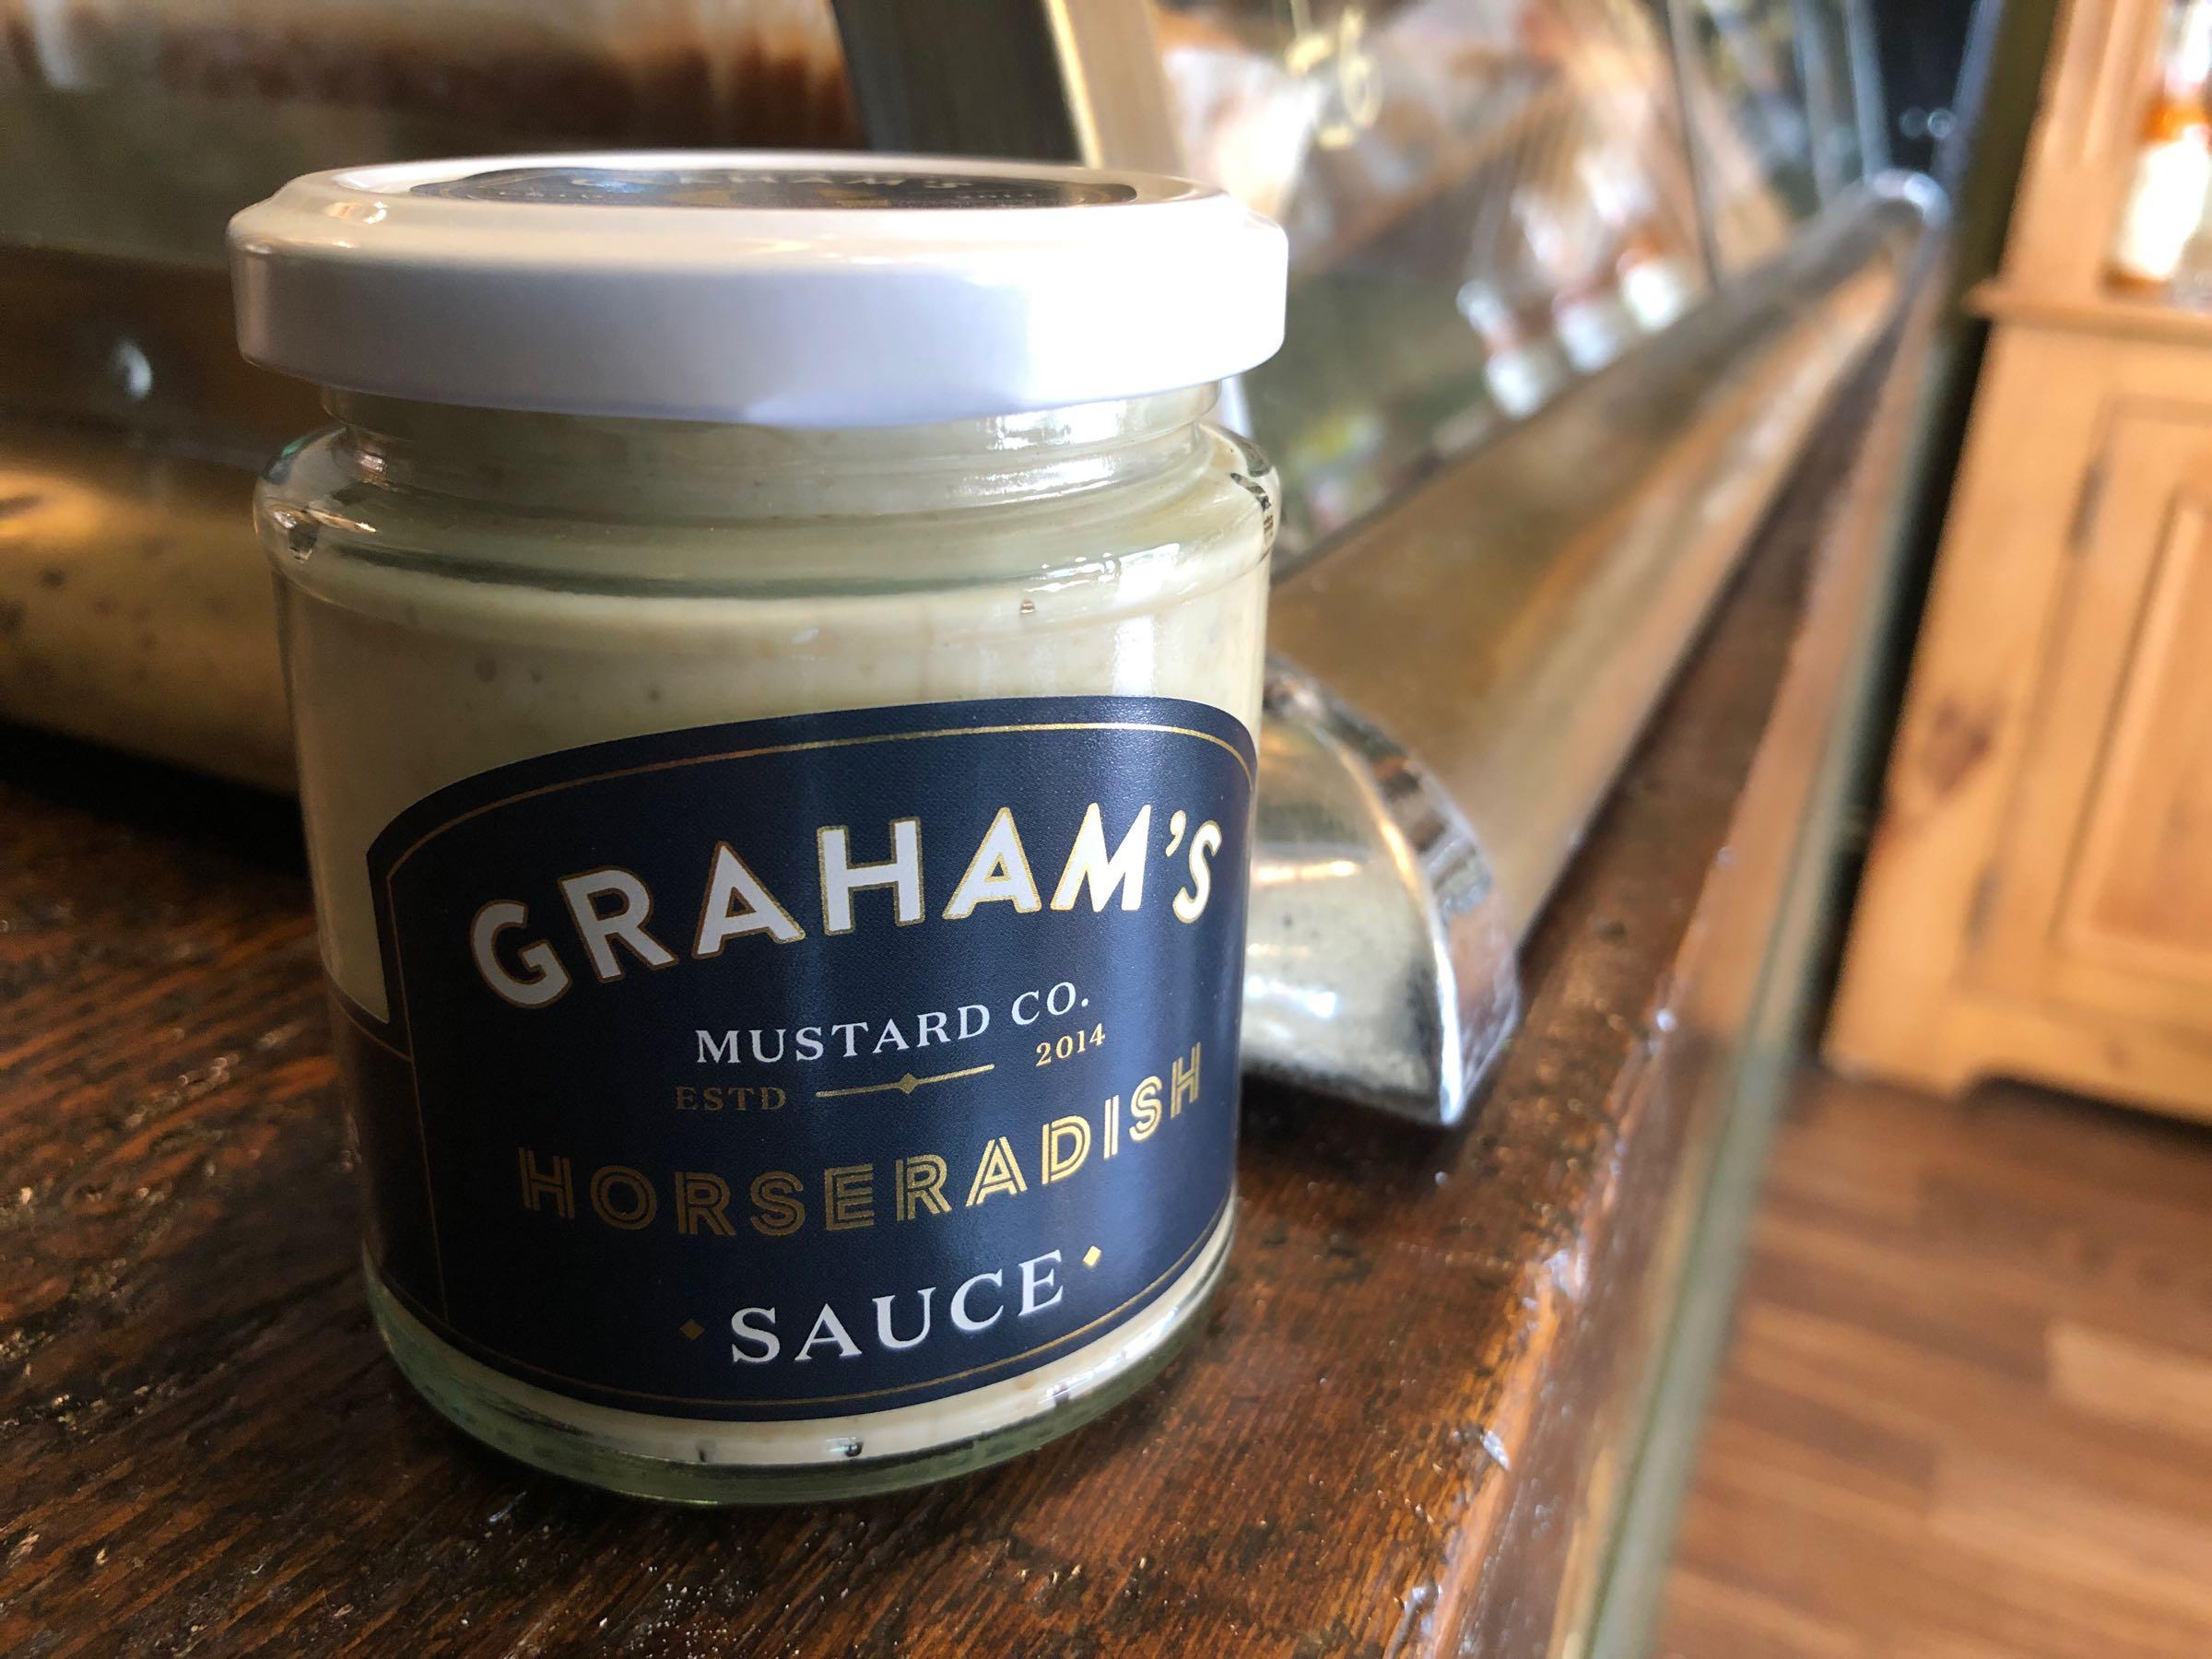 Graham's Horseradish 215g